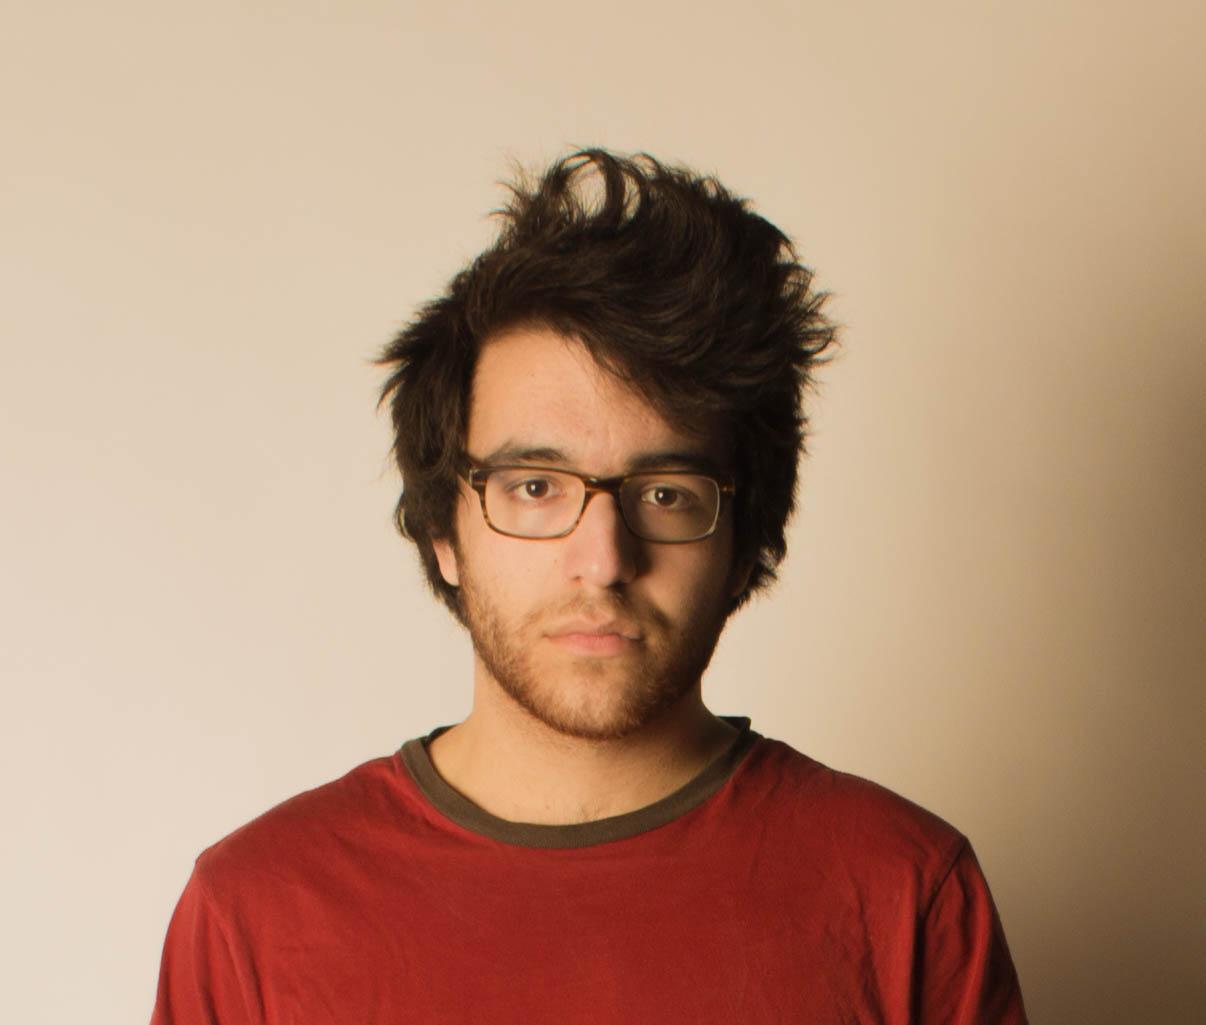 davidradio's avatar